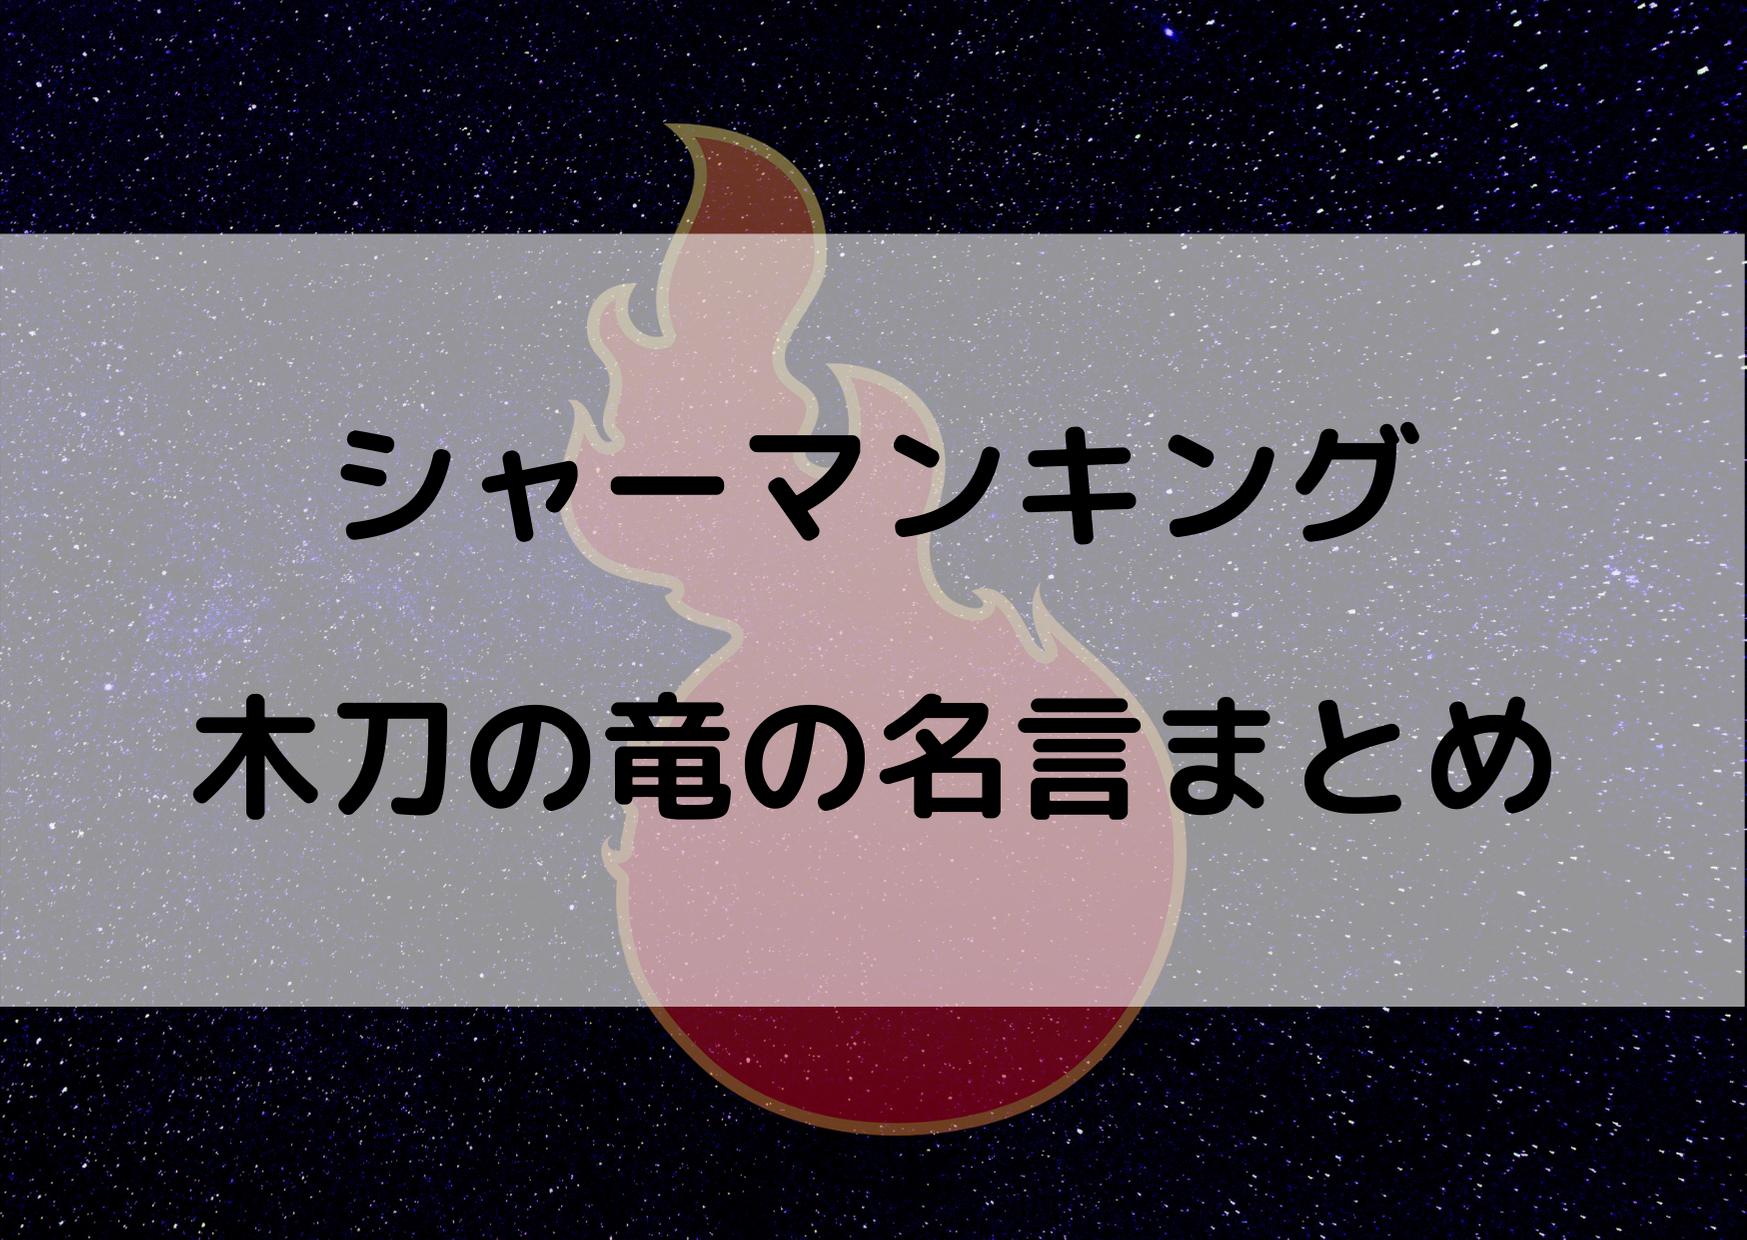 シャーマンキング 木刀の竜 名言